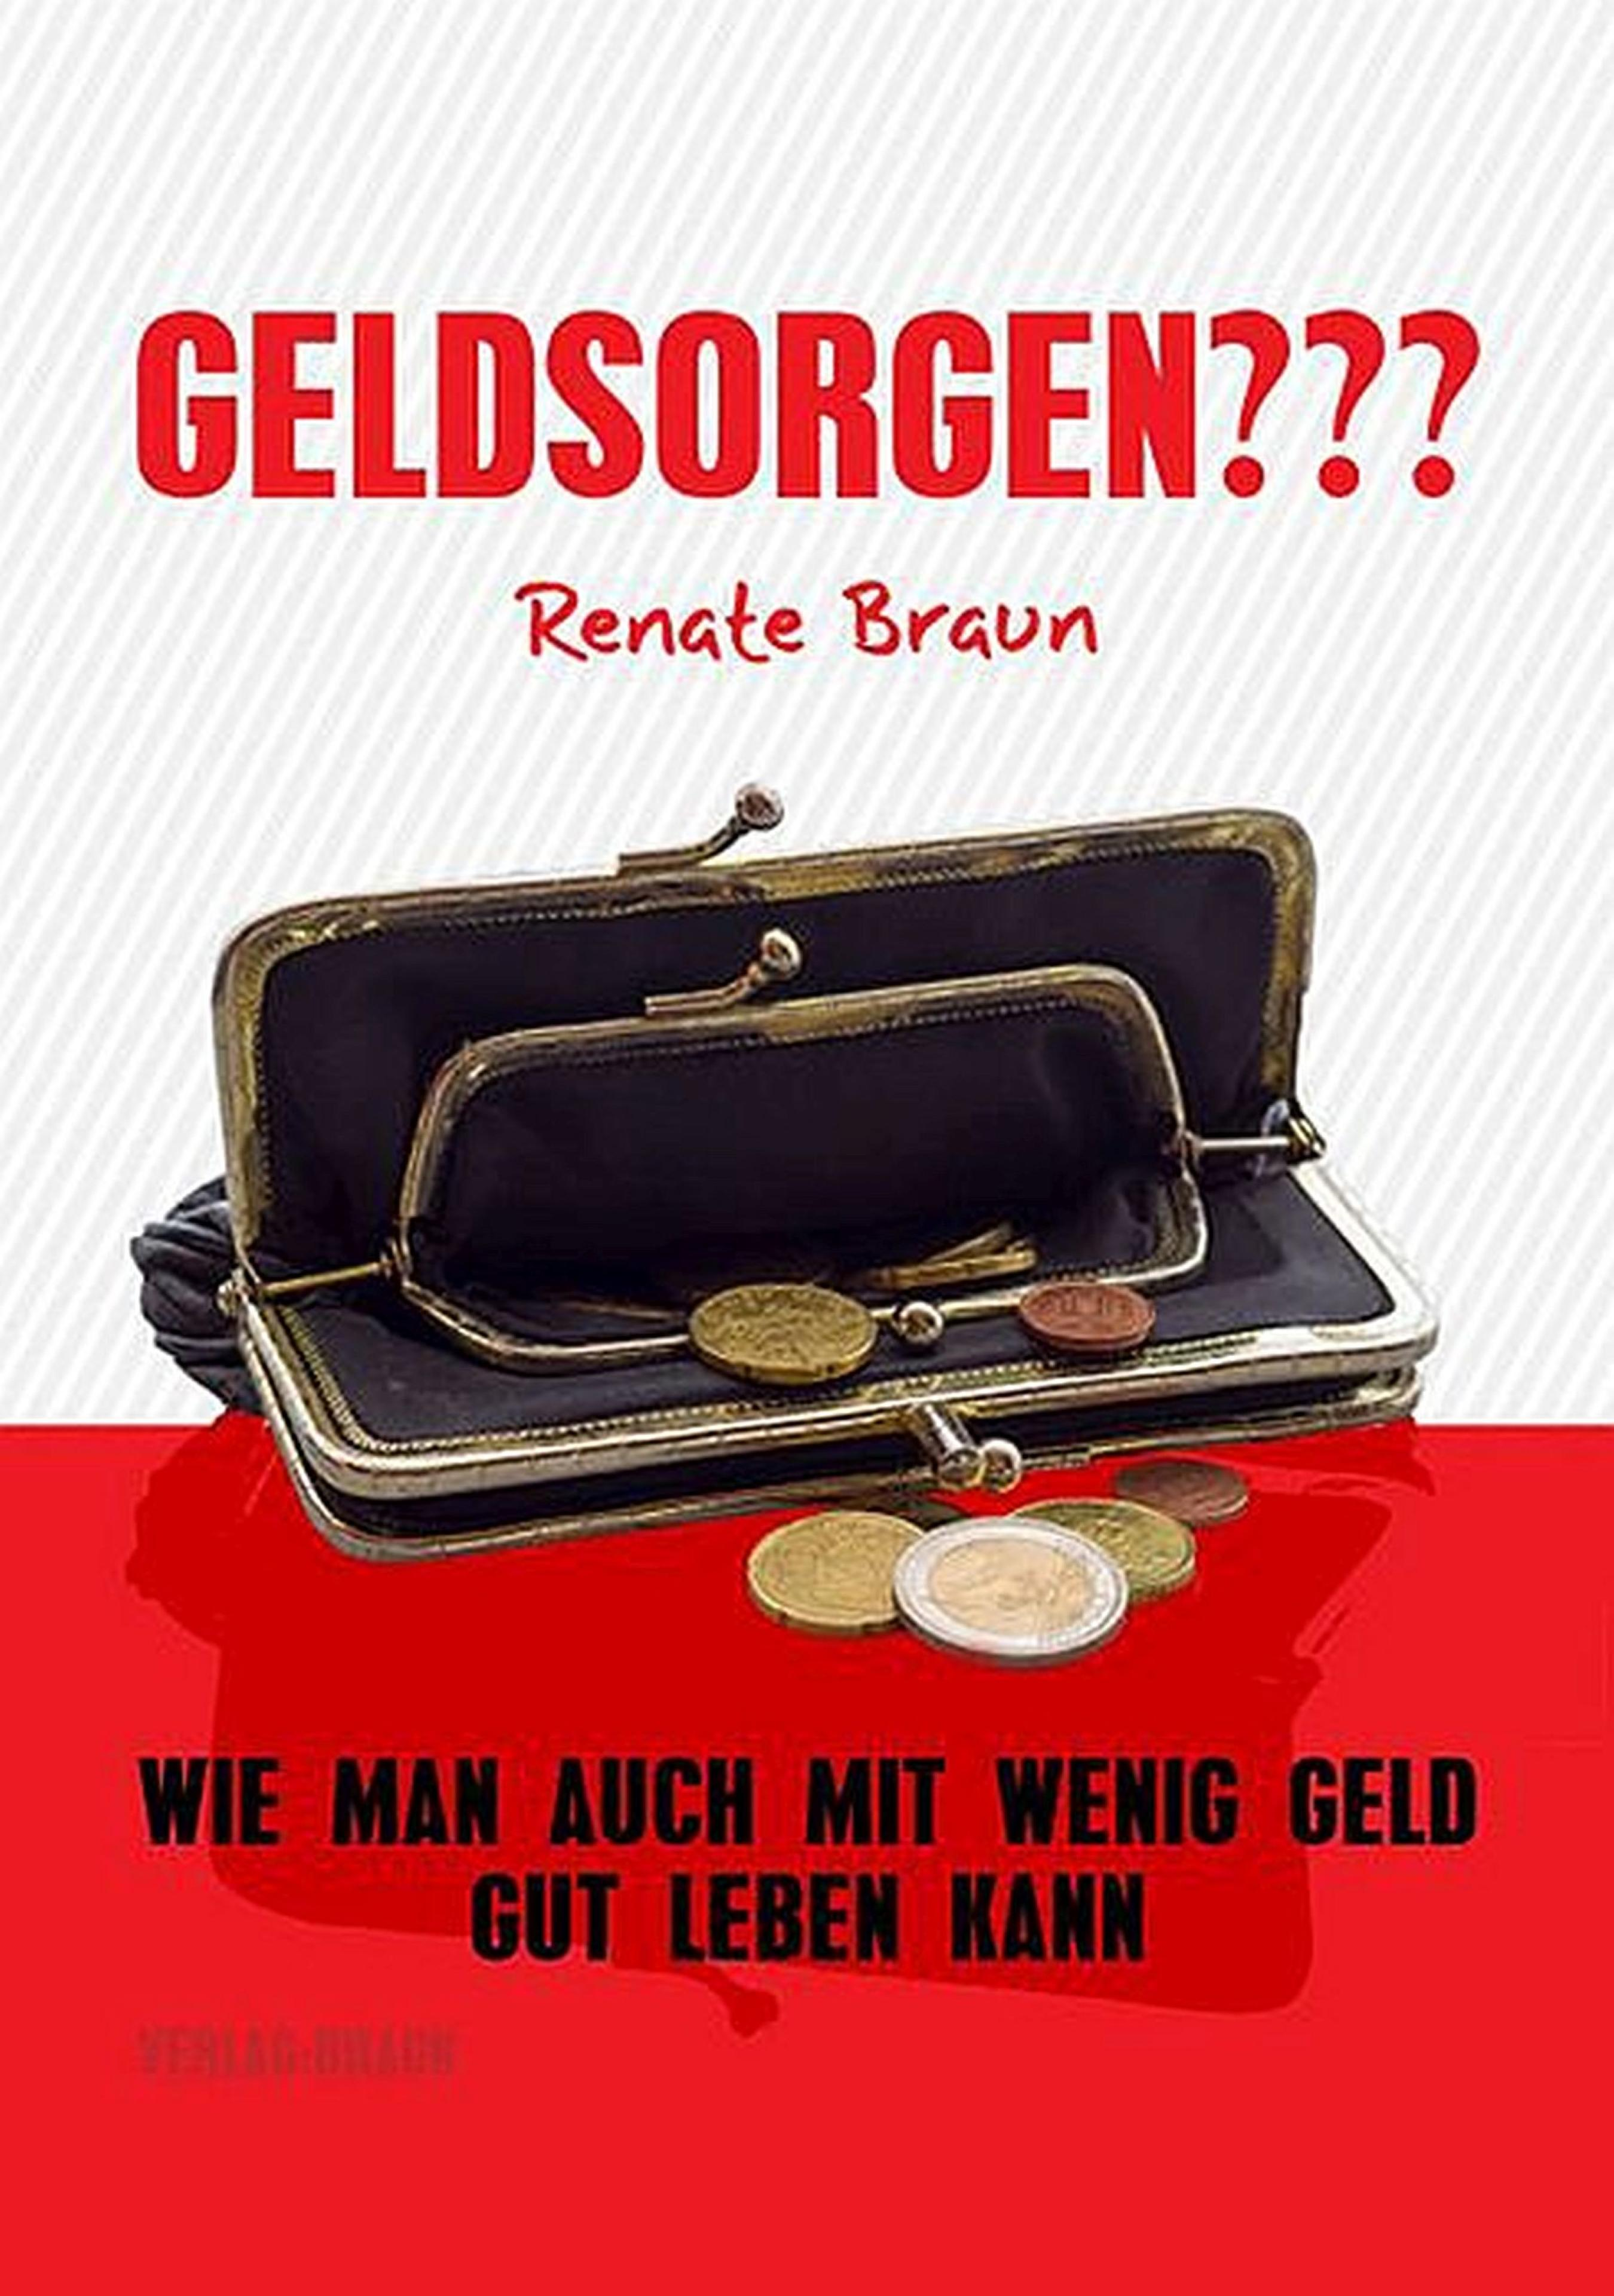 Renate Braun GELDSORGEN???